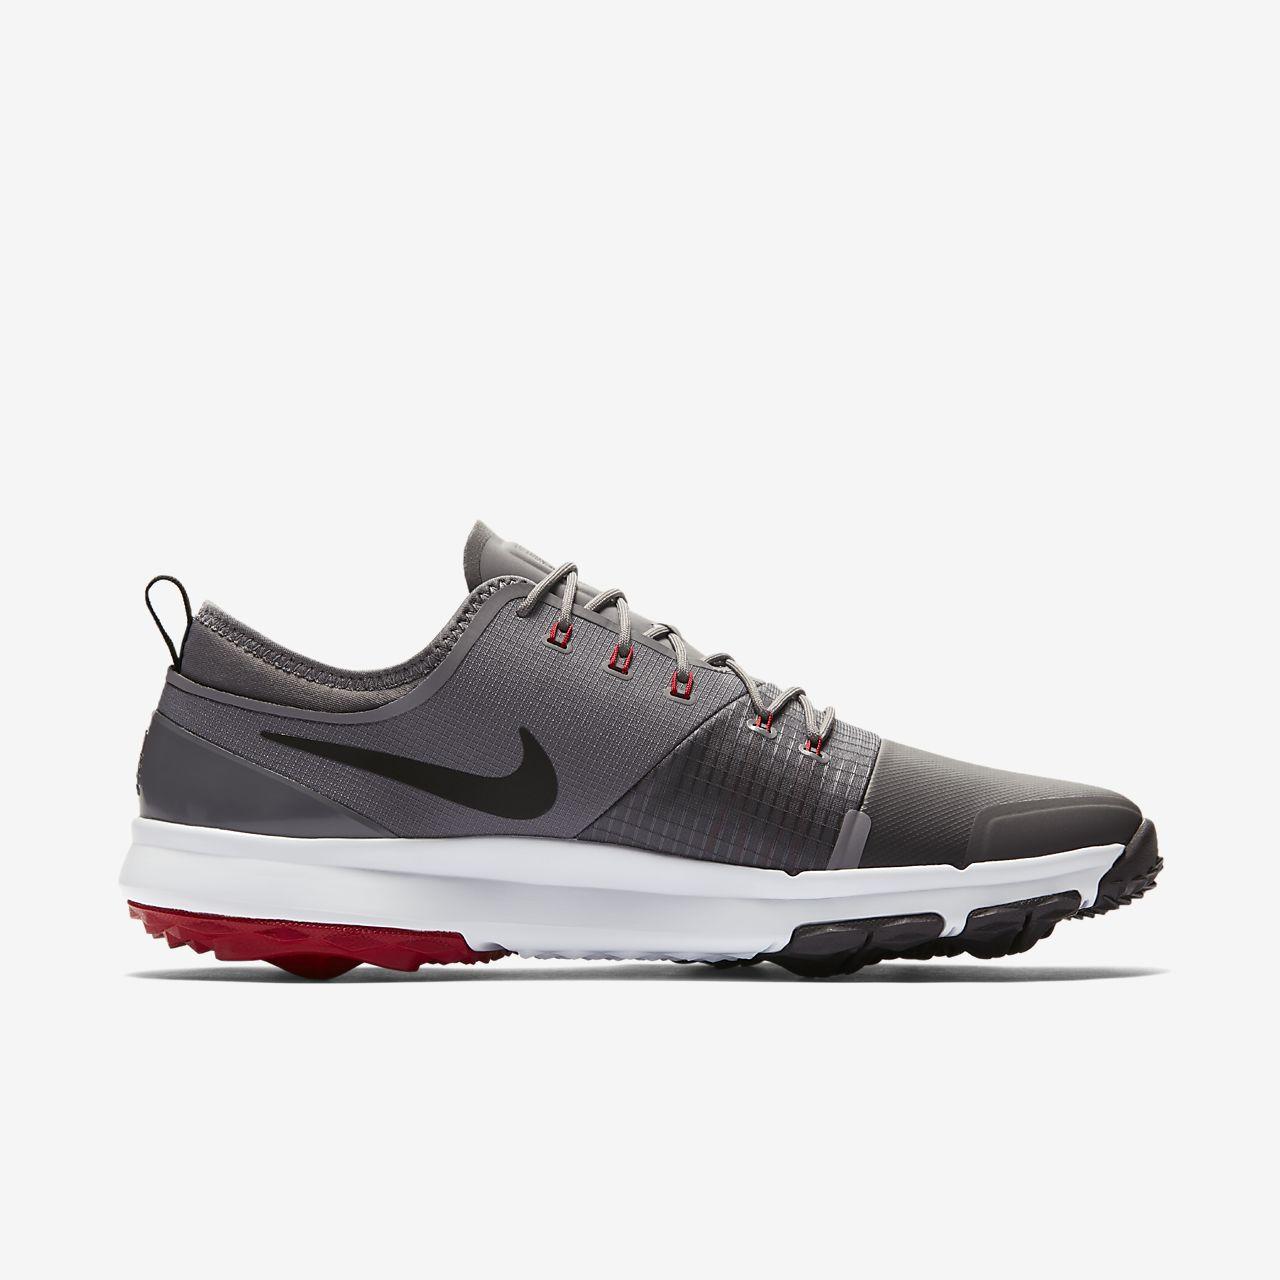 competitive price fe311 7e731 ... Calzado de golf para hombre Nike FI Impact 3